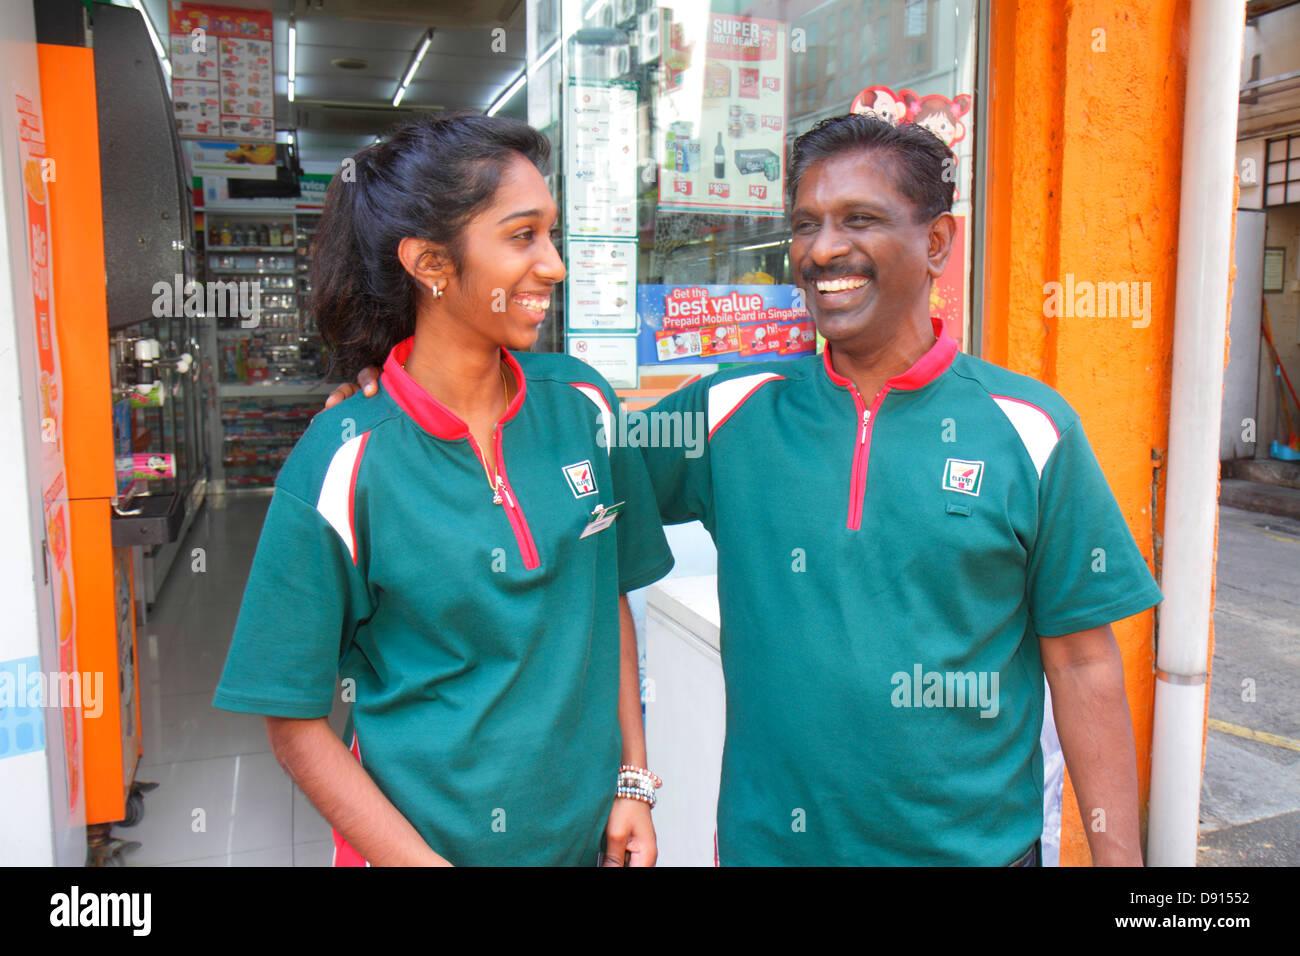 Singapore Singapore River Boat Quay uomo asiatico padre donna figlia adulta 7-Eleven convenience store uniforme Immagini Stock